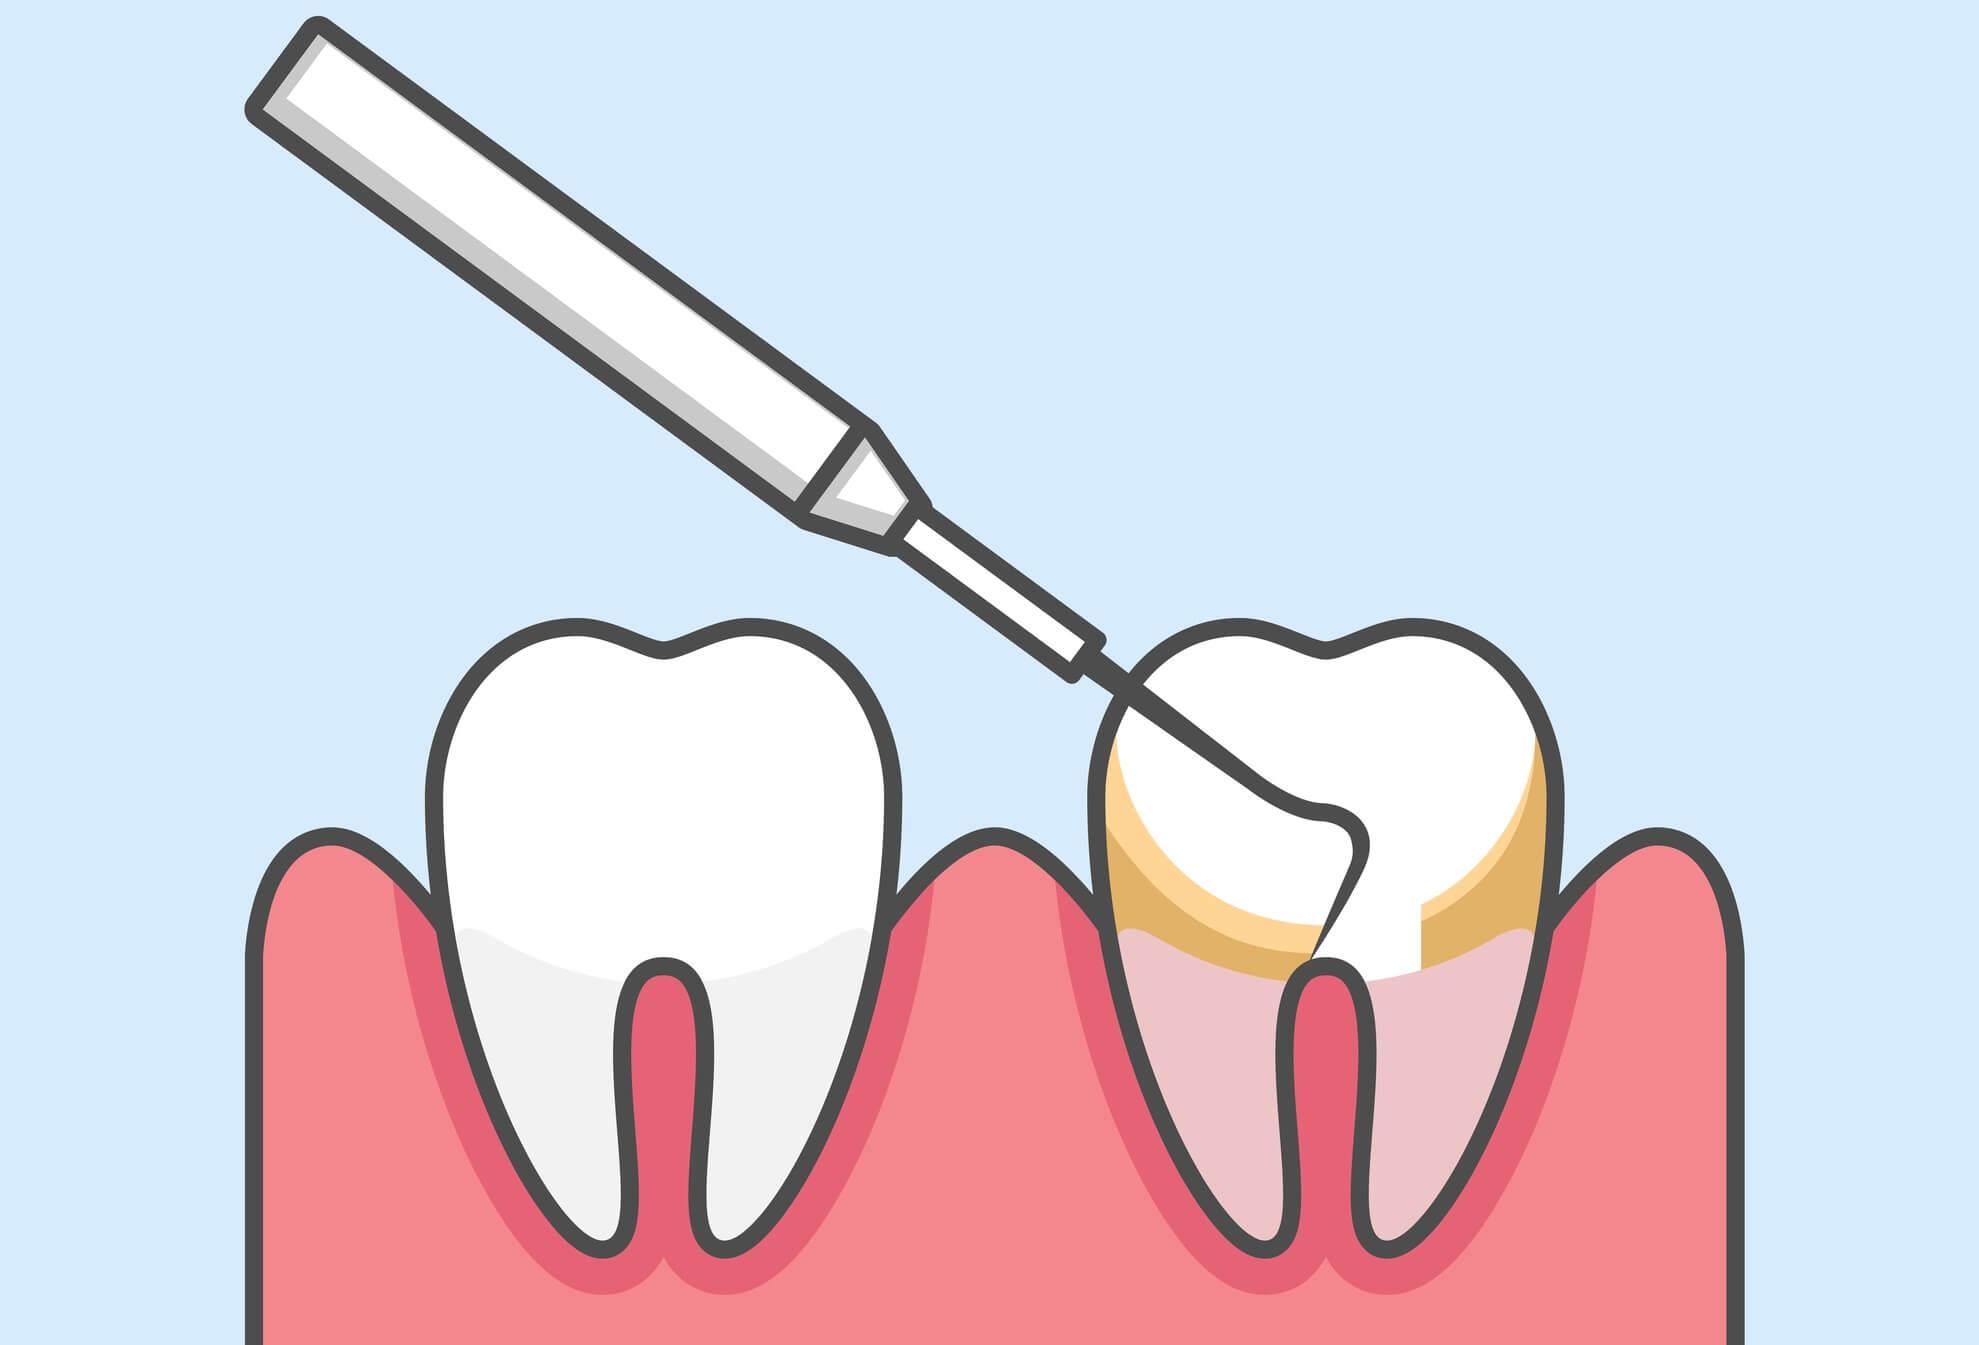 三宮で歯石取り・歯石除去・歯のクリーニングならパールストリート歯科